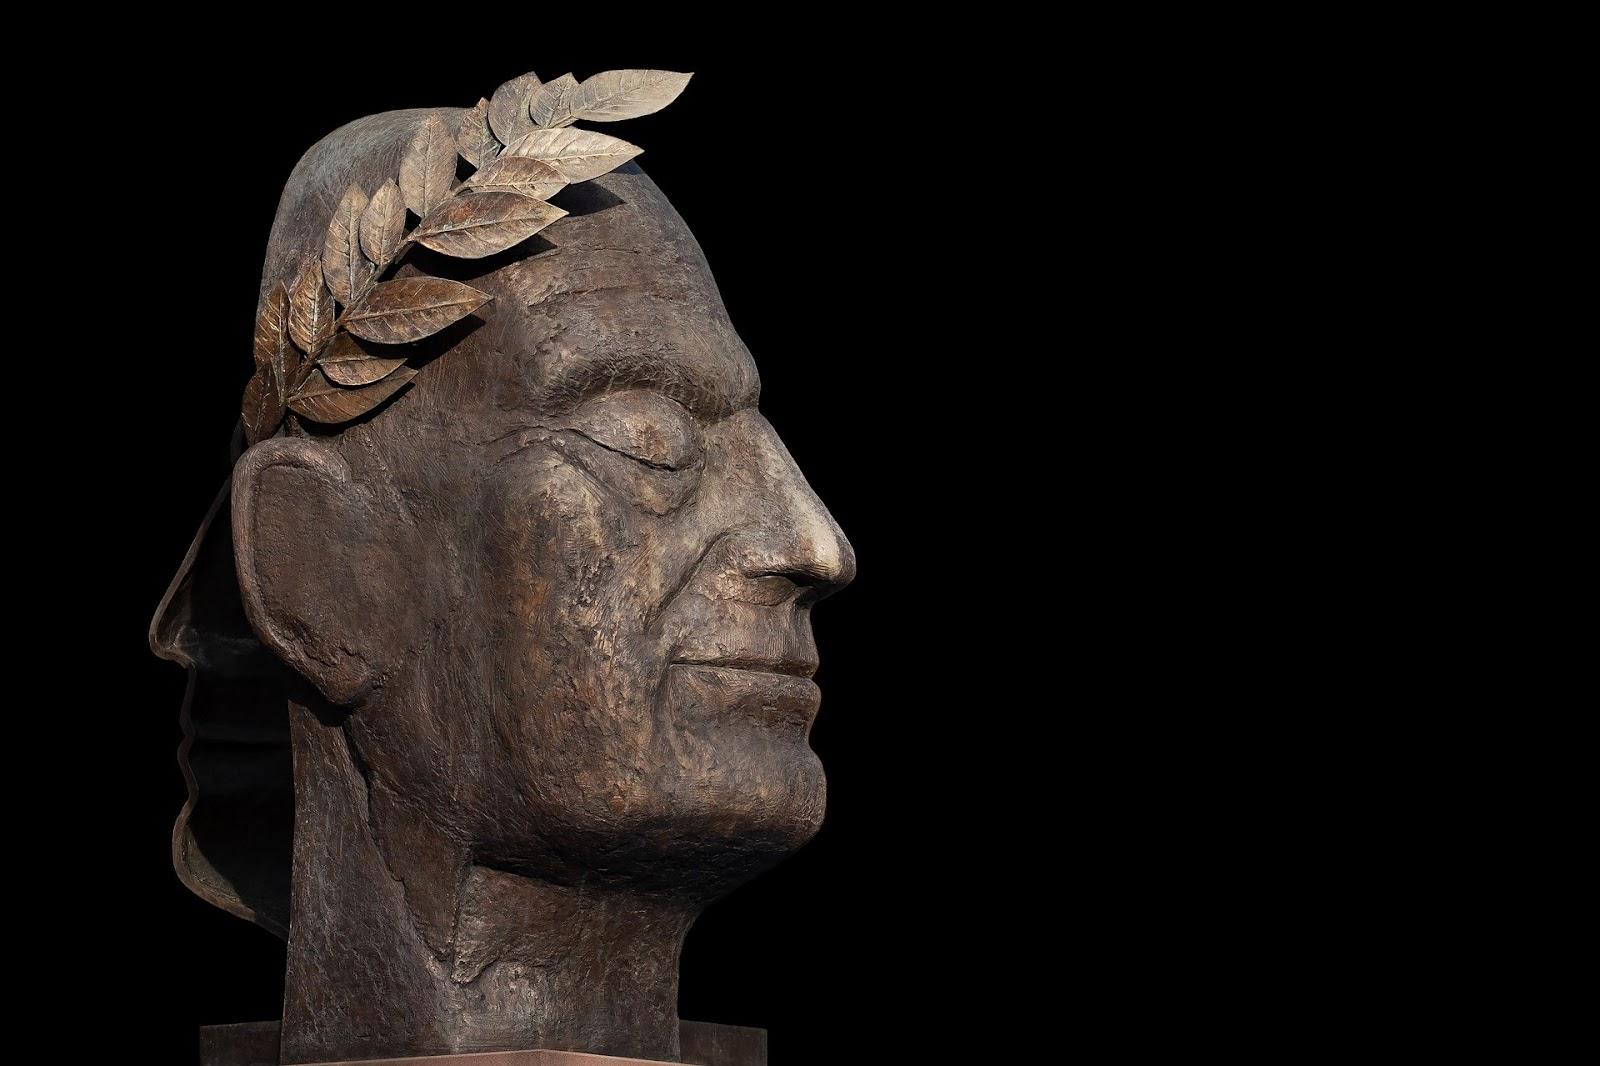 Julius caesar face statue with black background